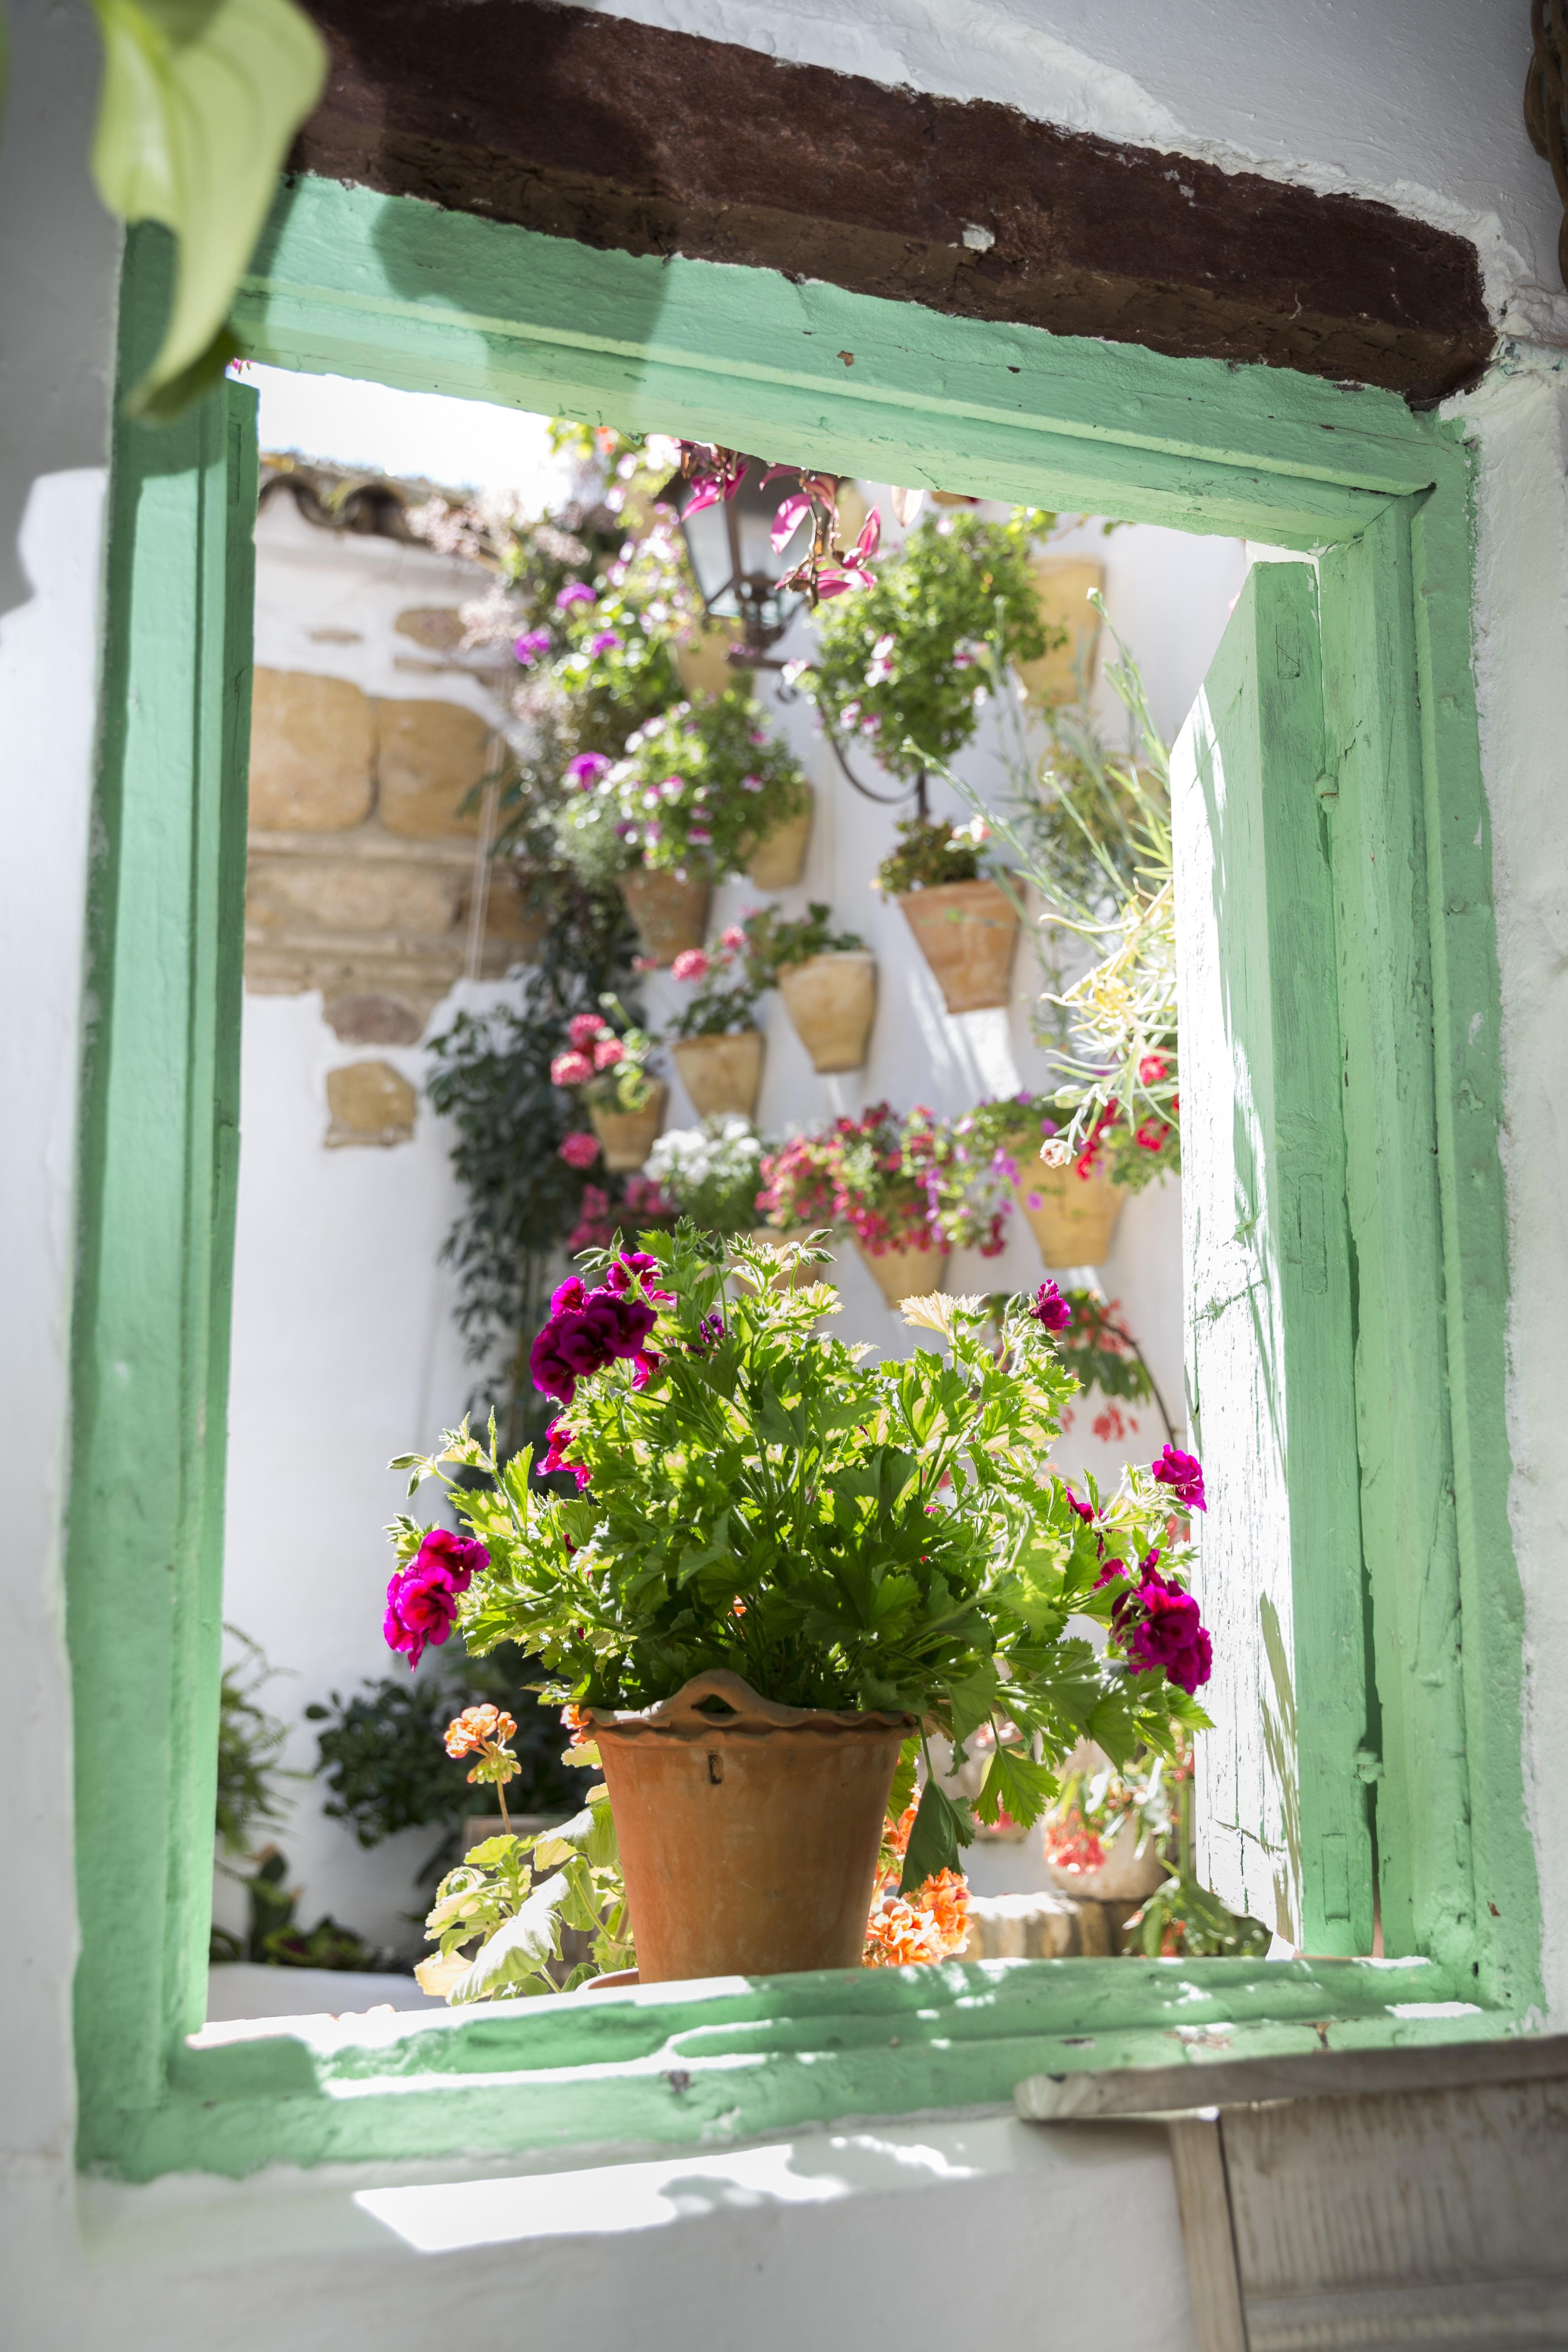 Decoracin de interiores con bonsai decoracin interiores - Patios exteriores decoracion ...